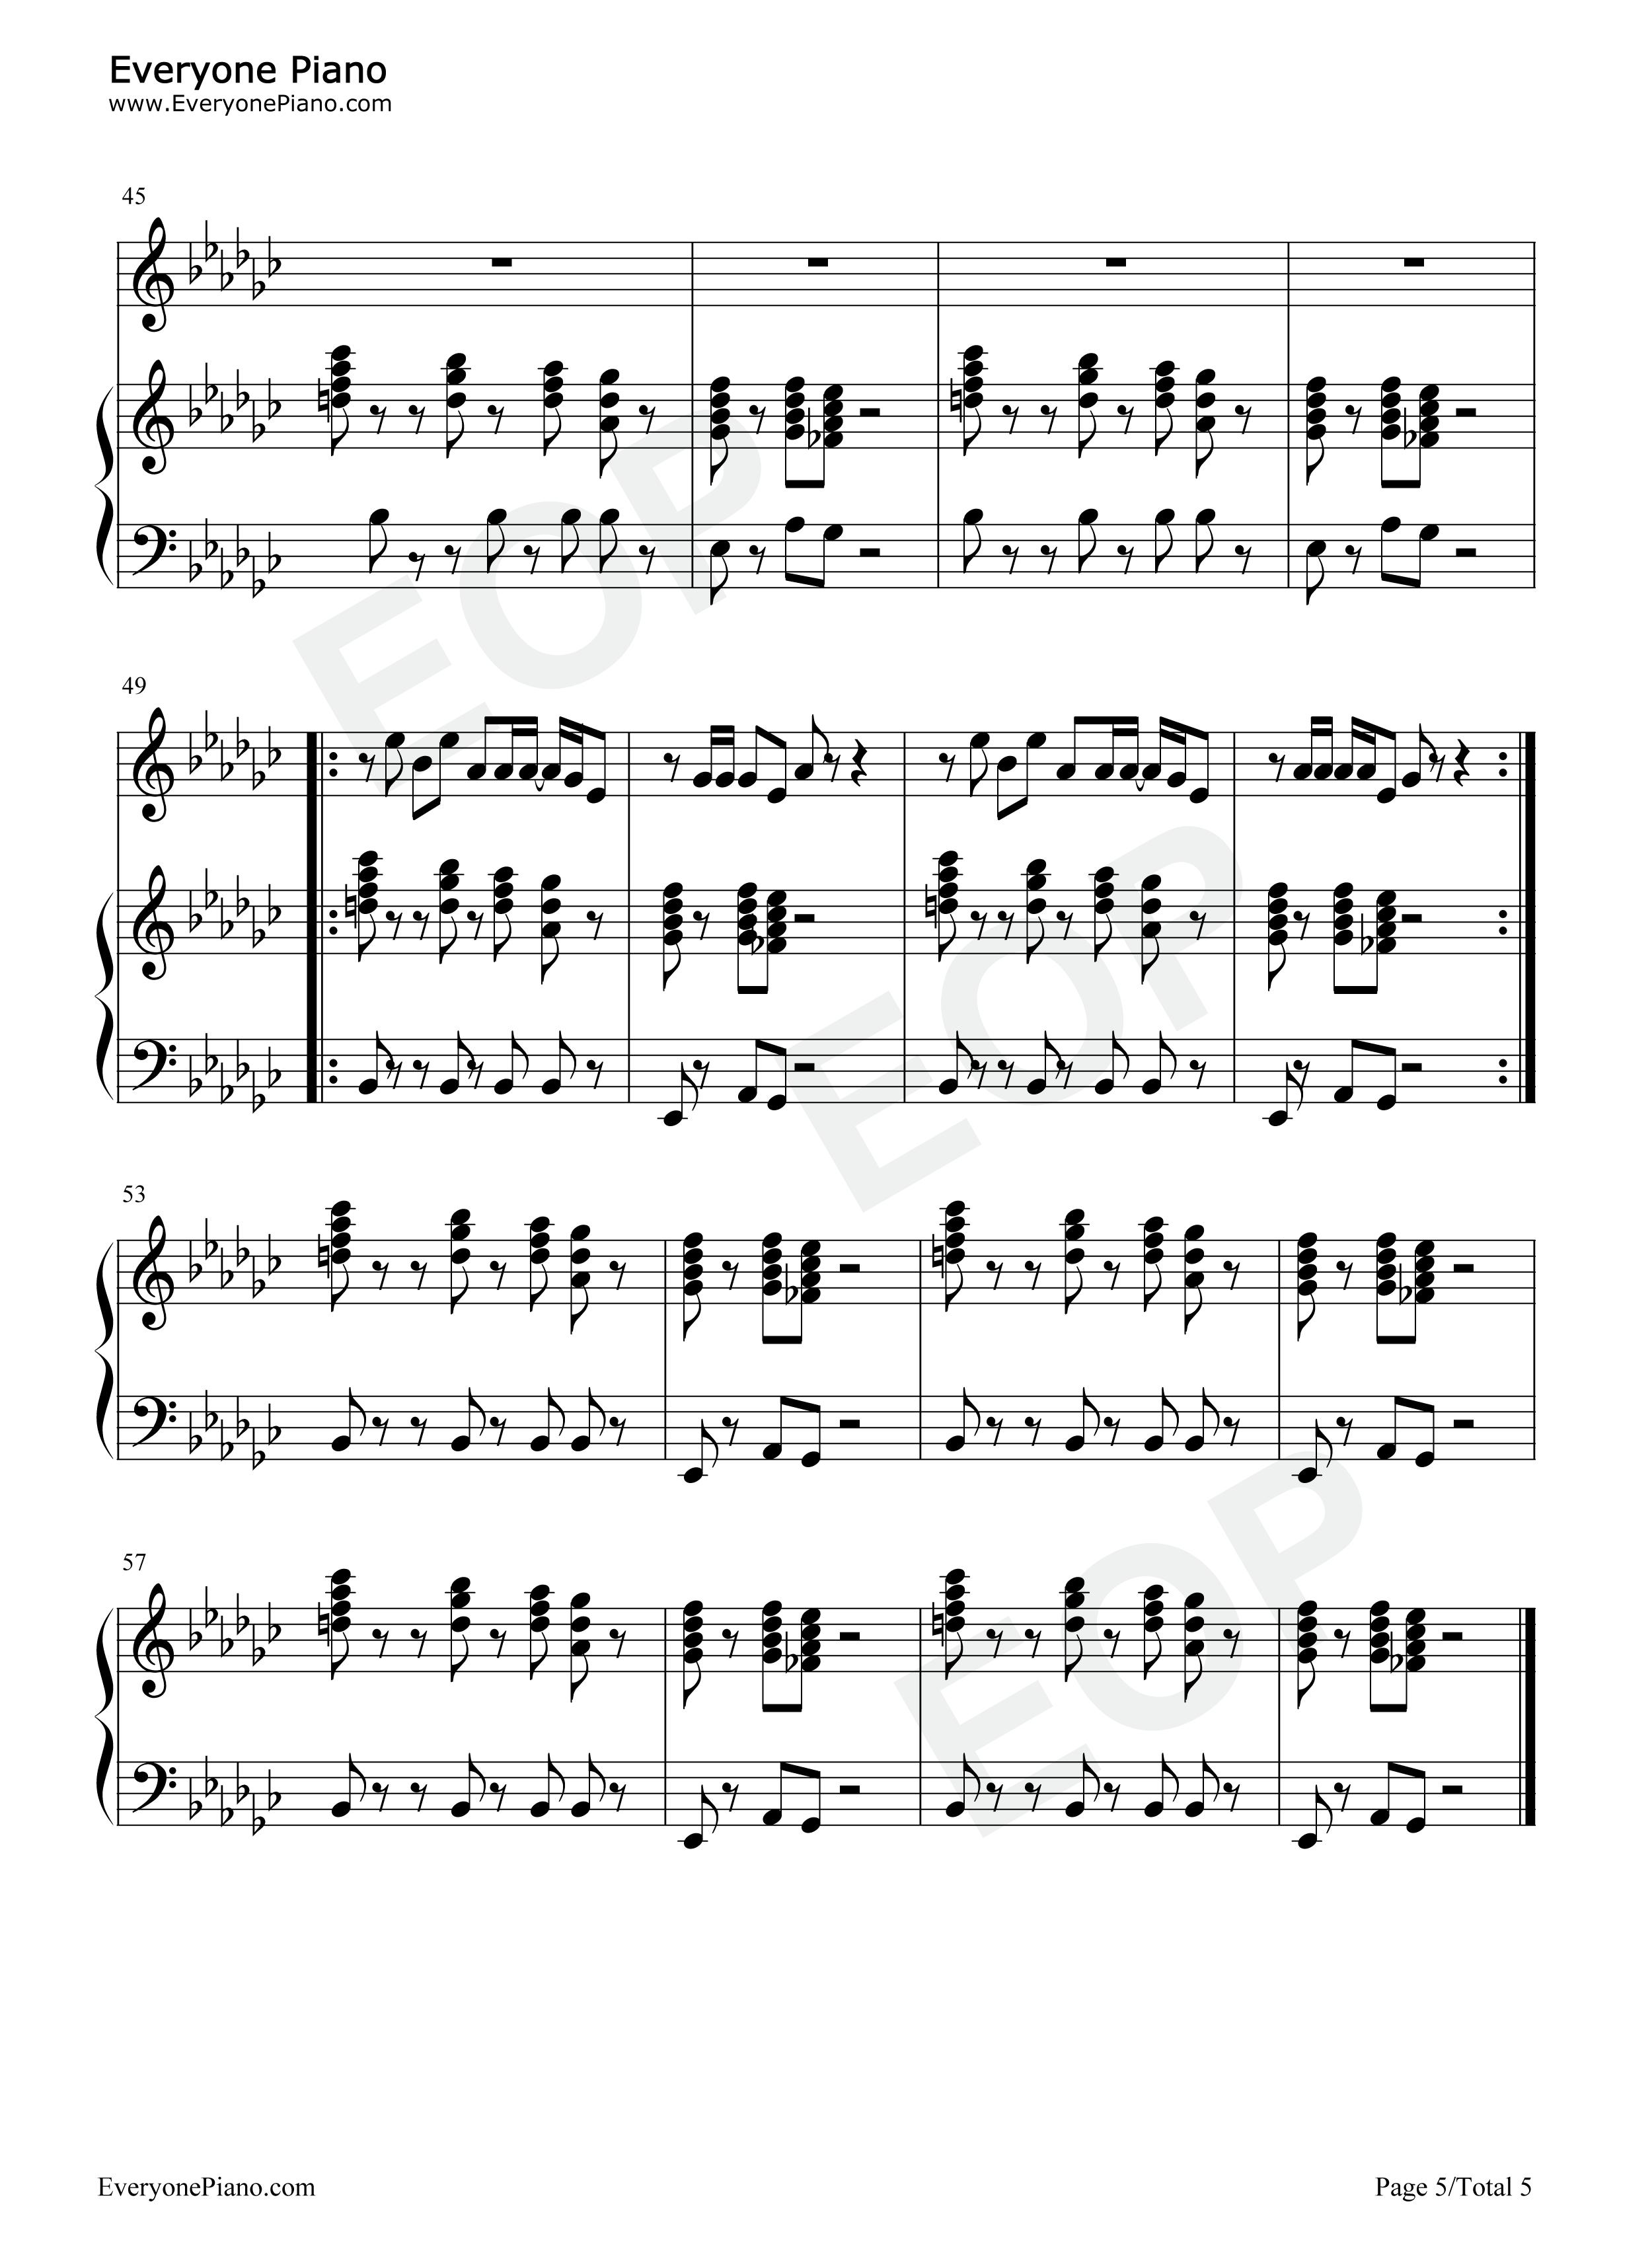 Madison : Senorita chords justin timberlake